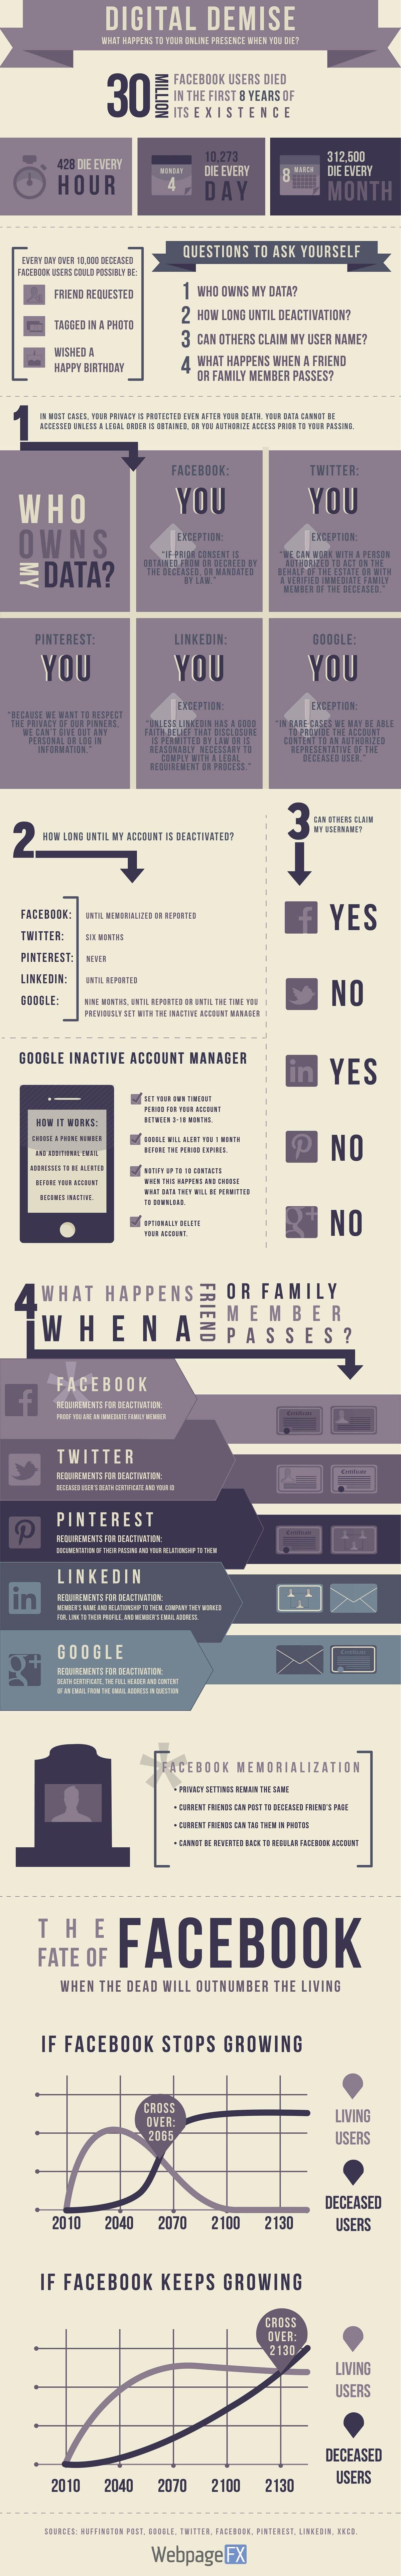 infographie-reseaux-sociaux-mort